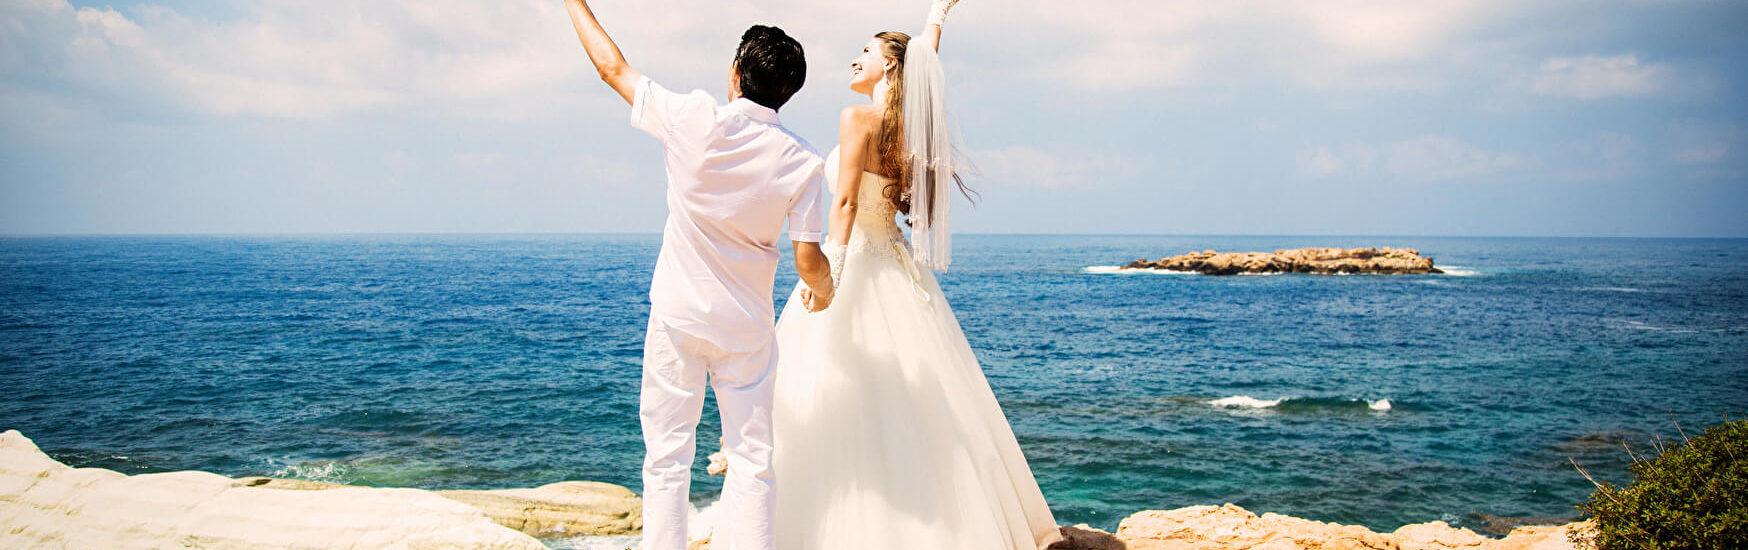 Hochzeit | © panthermedia.net /Konstantin Siyatskiy